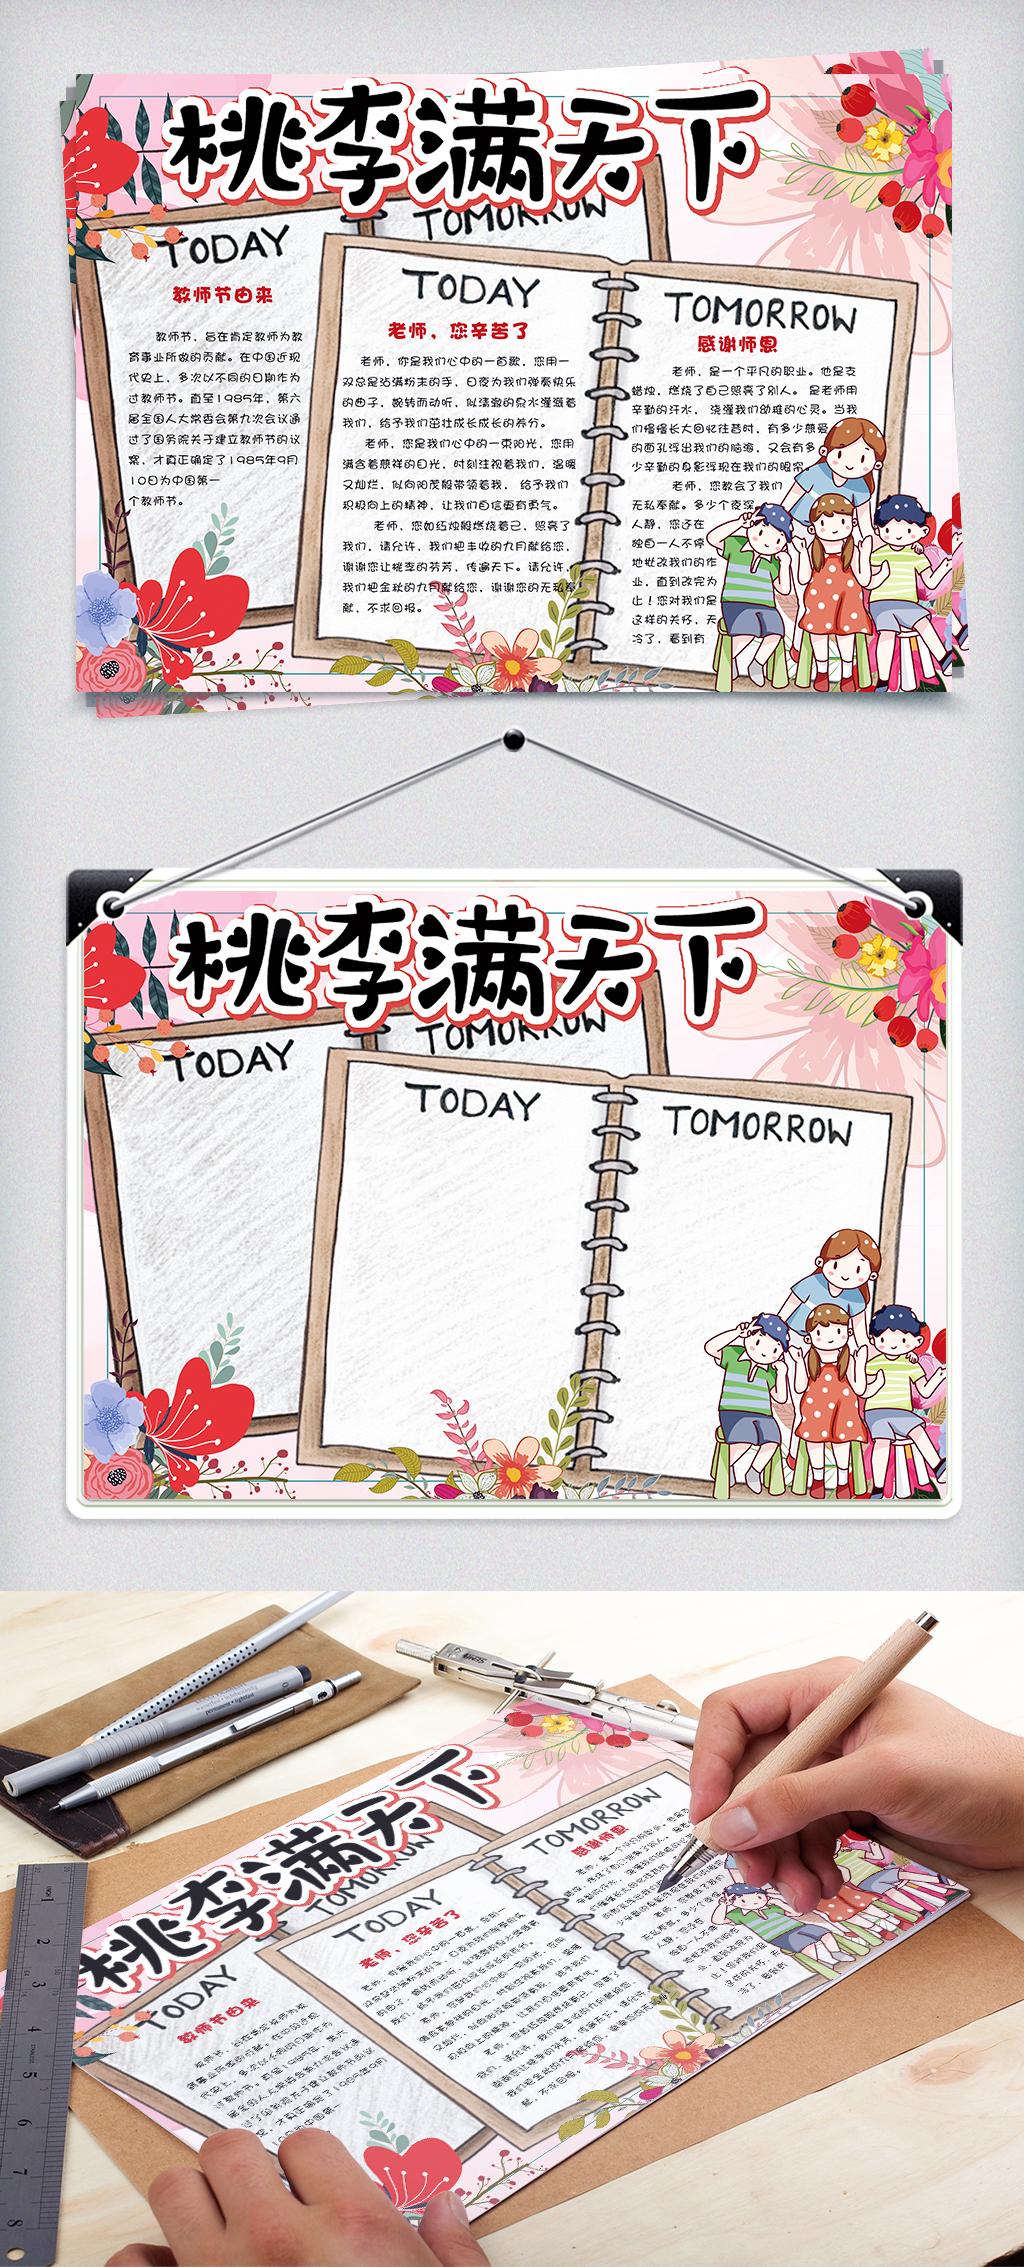 卡通手绘桃李满天下教师节小报手抄报模板